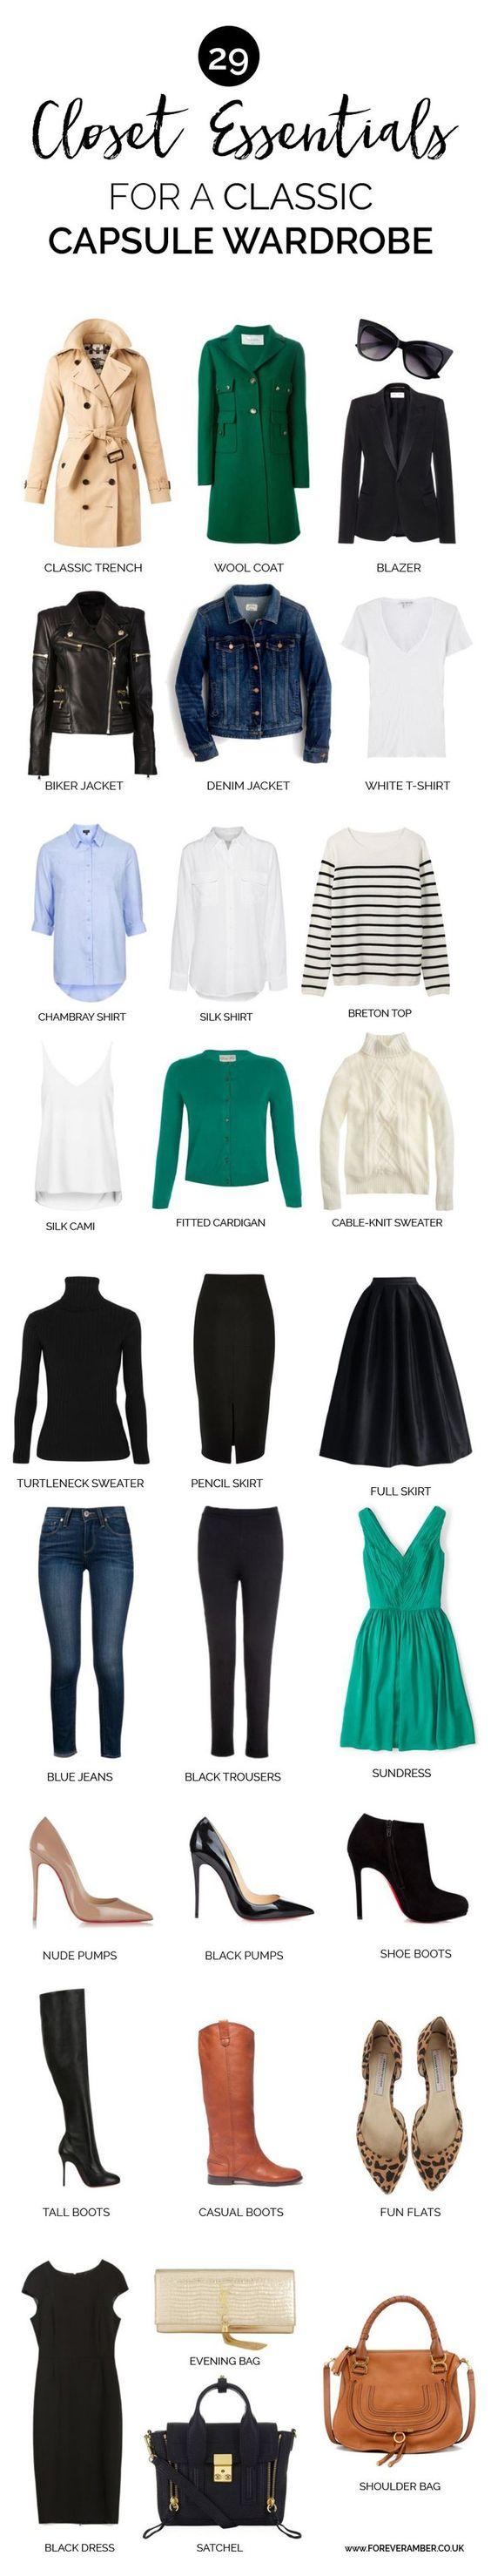 wardrobe essentials for a classic capsule wardrobe: